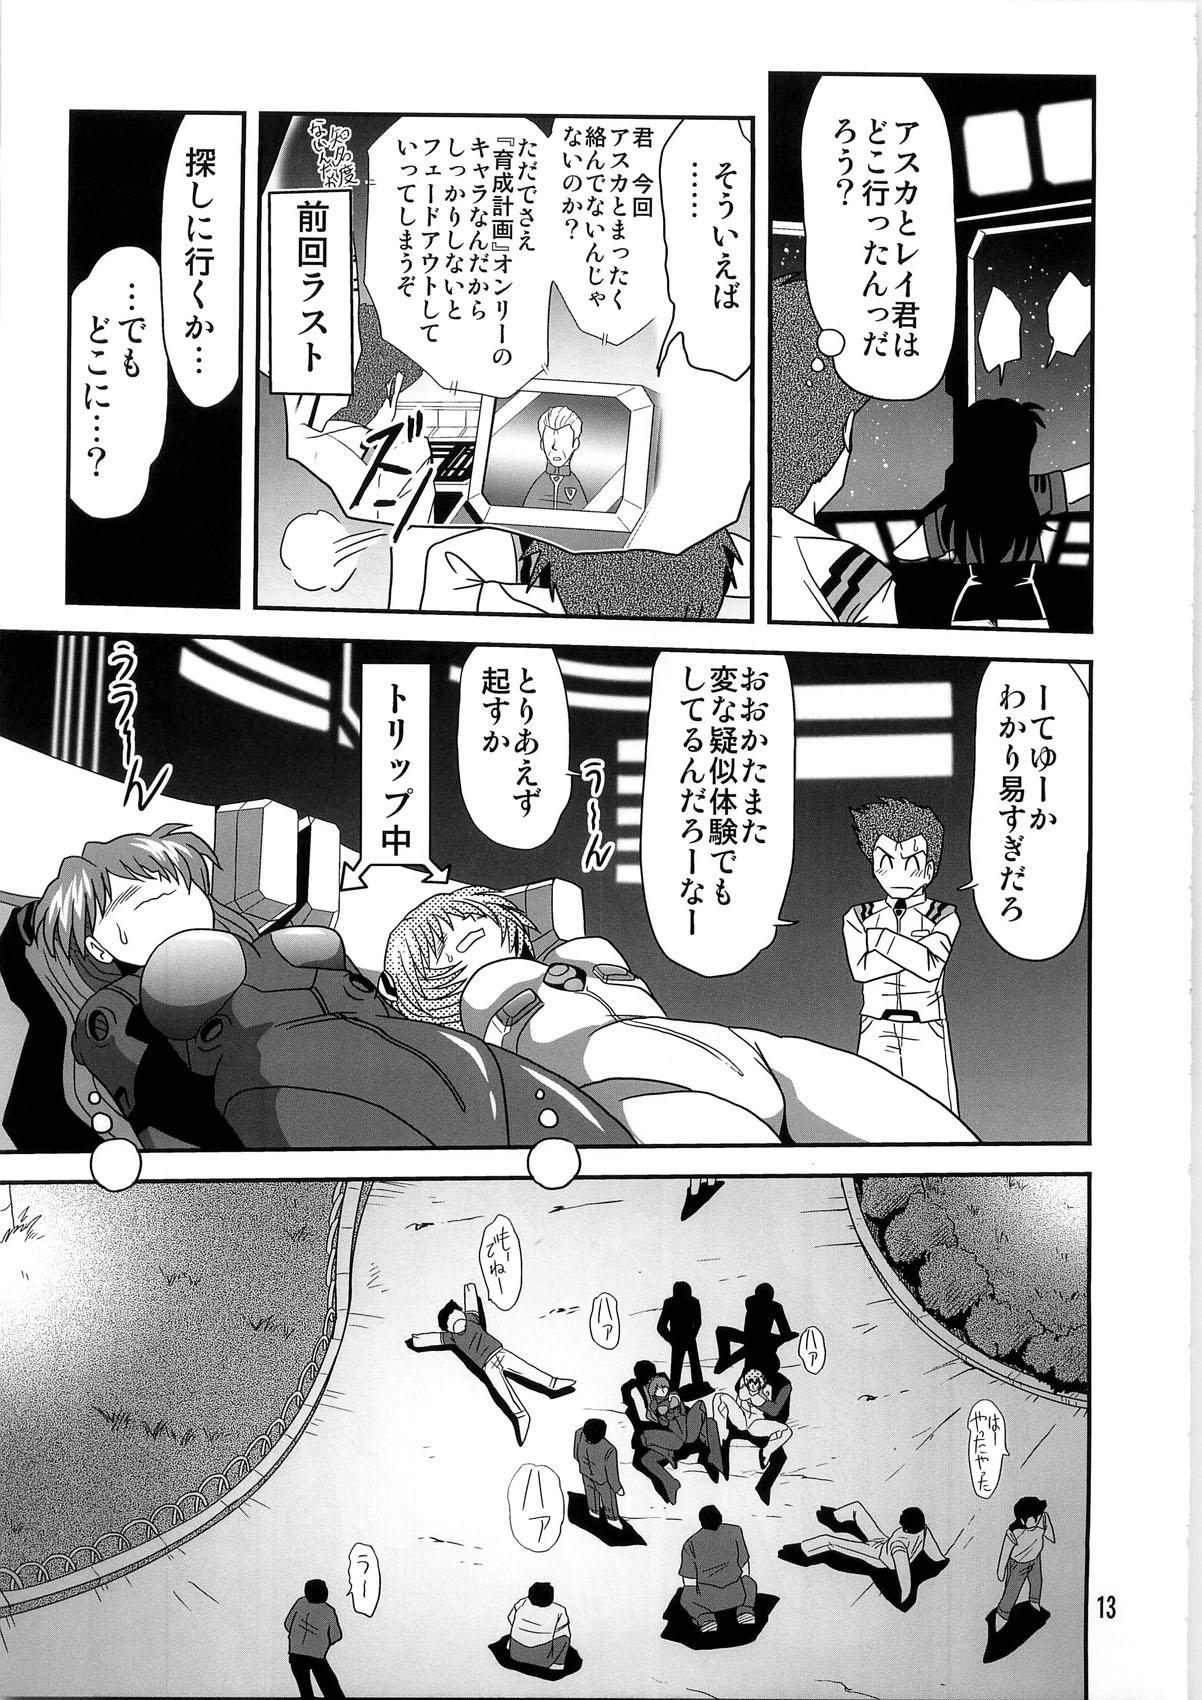 Second Uchuu Keikaku 4 12